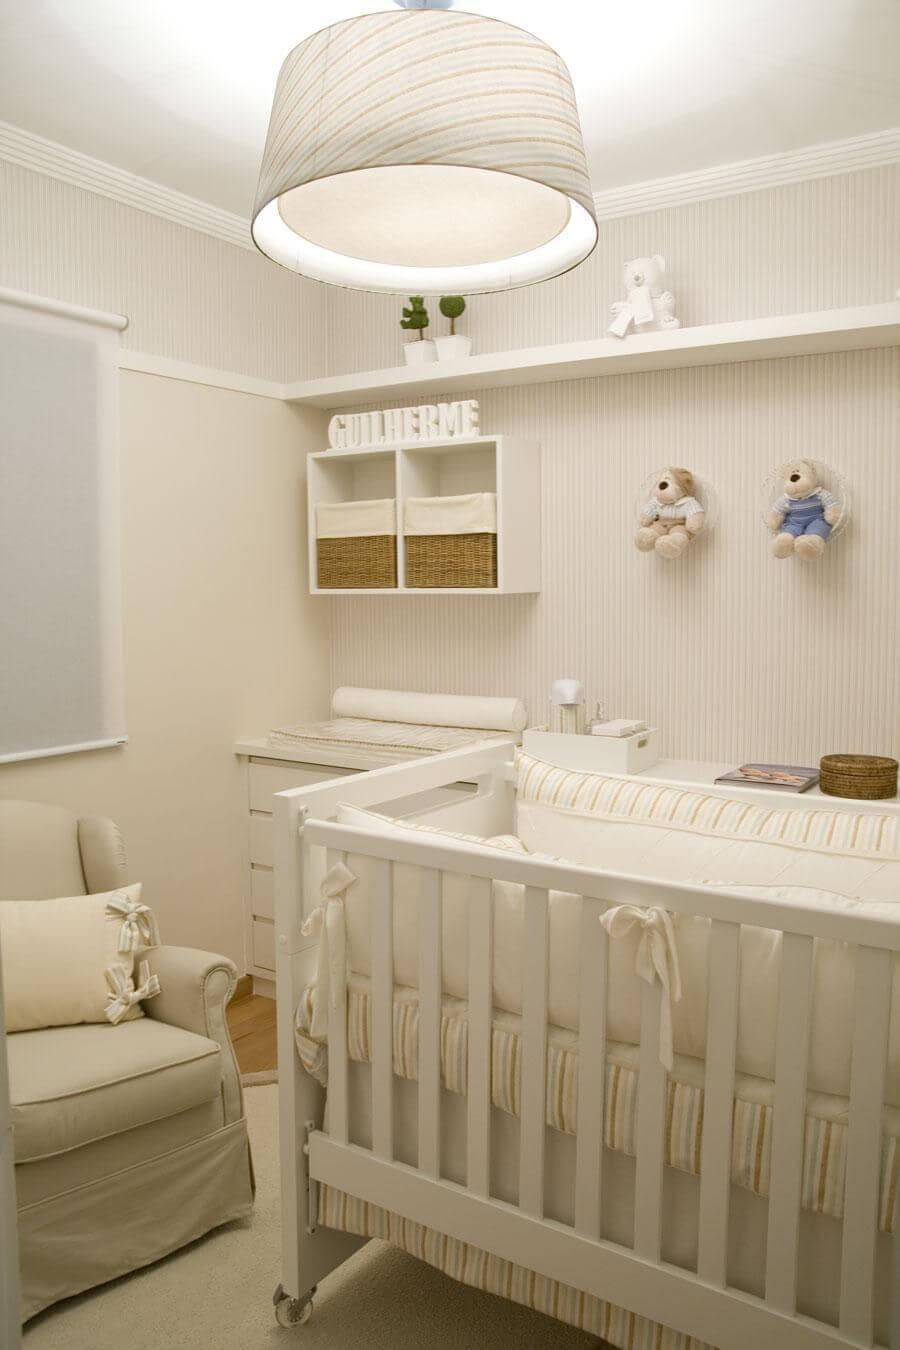 05 decoracao de quarto de bebe masculino todo em tons neutros Viviana ReisViviana Reis -> Decoração De Quarto De Bebe Pequeno Masculino